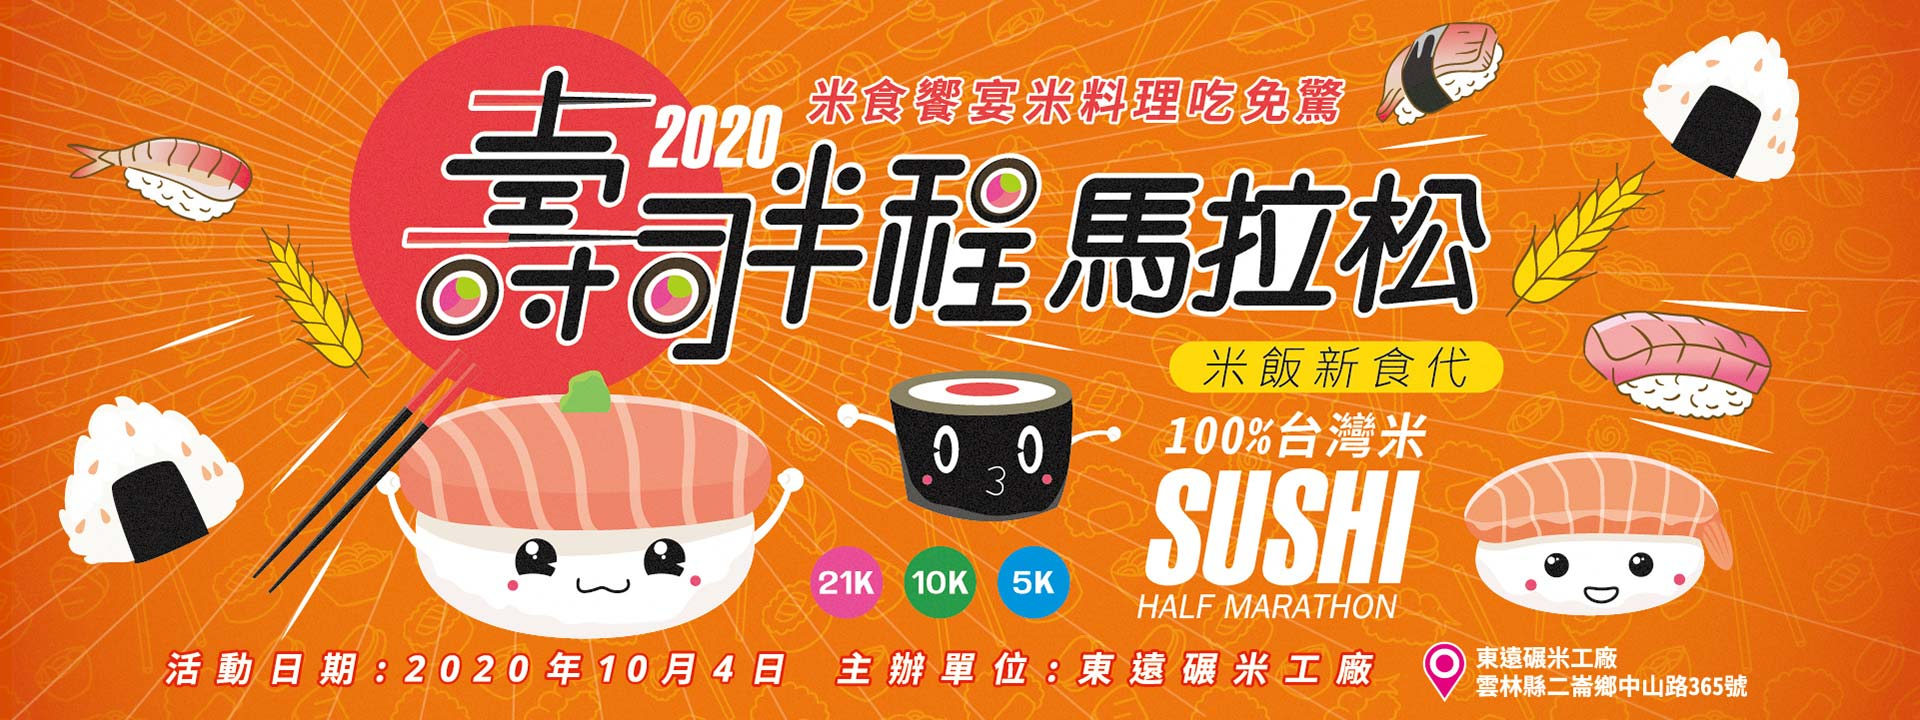 2020 壽司半程馬拉松